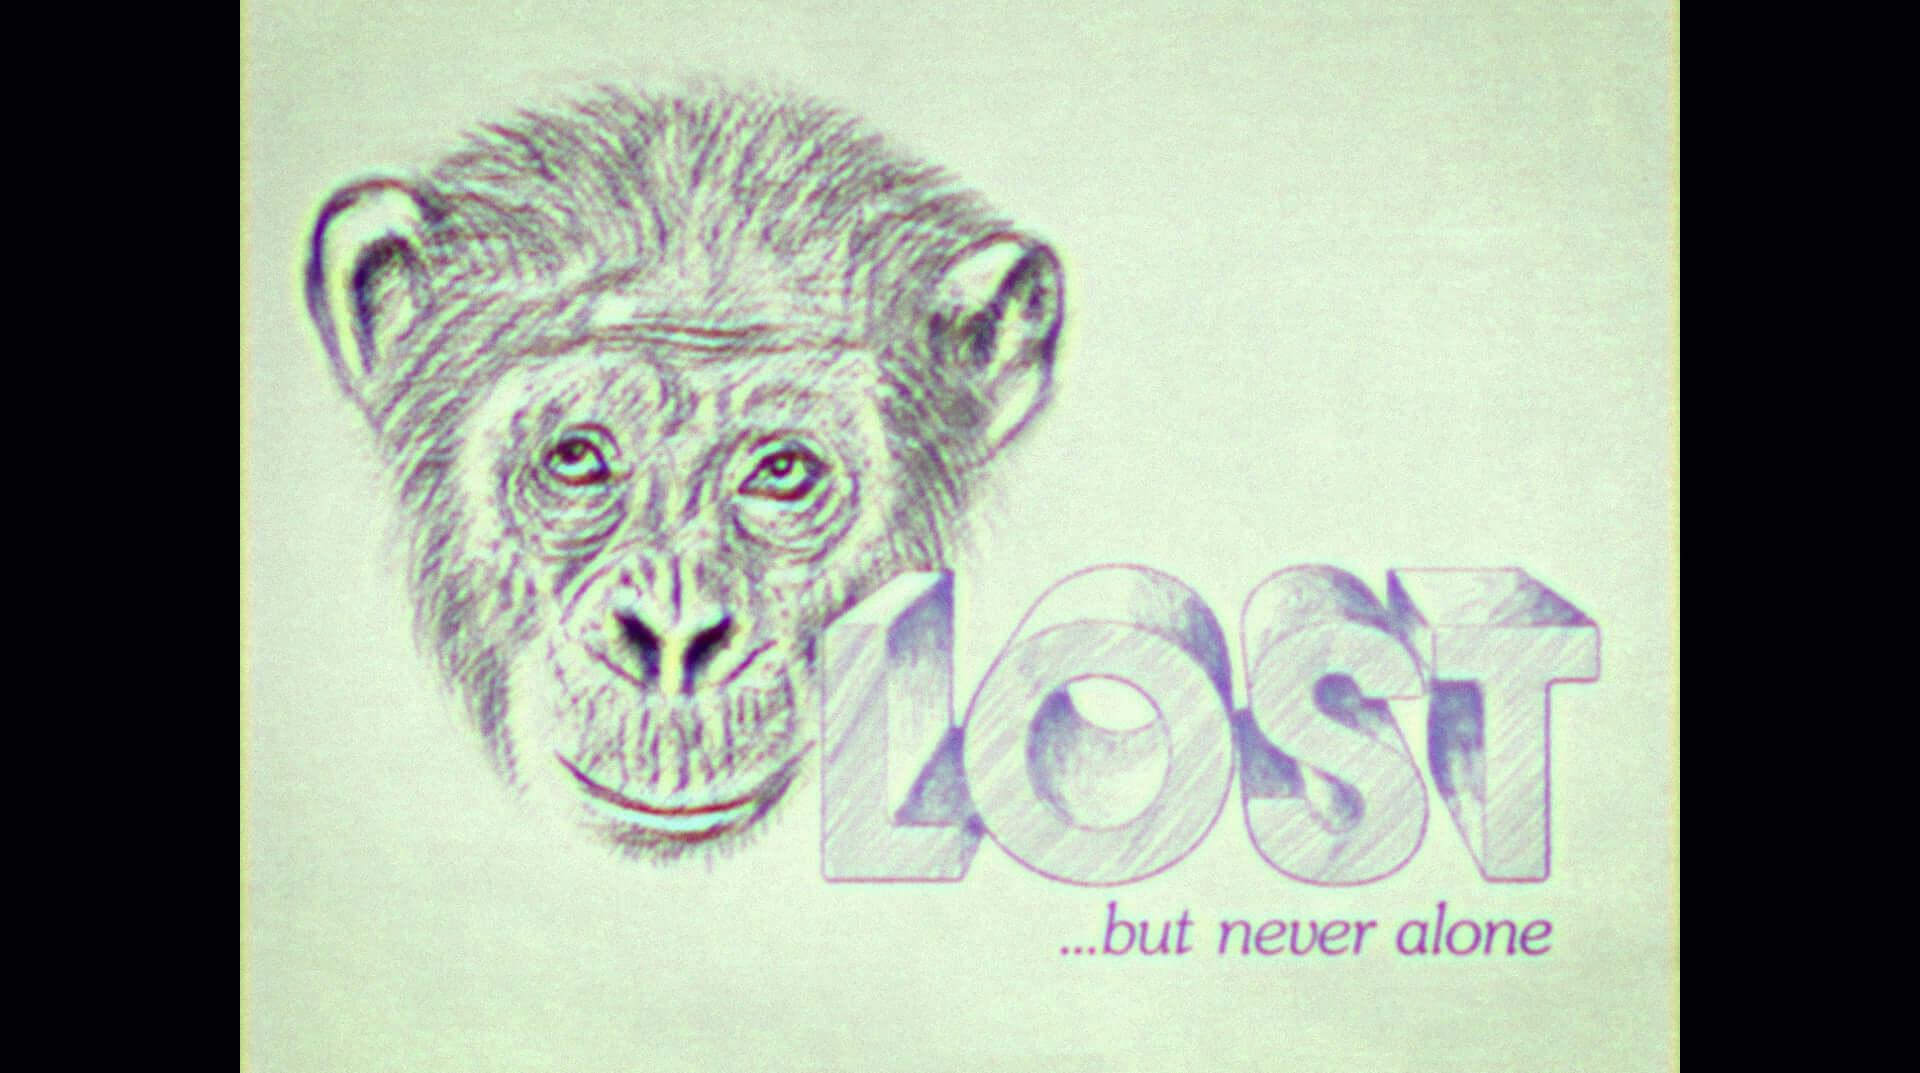 """Oneohtrix Point Never最新作より""""Lost But Never Alone""""のMVが公開!〈WARP〉の特別キャンペーンも実施中 music201113_opn_4-1920x1073"""